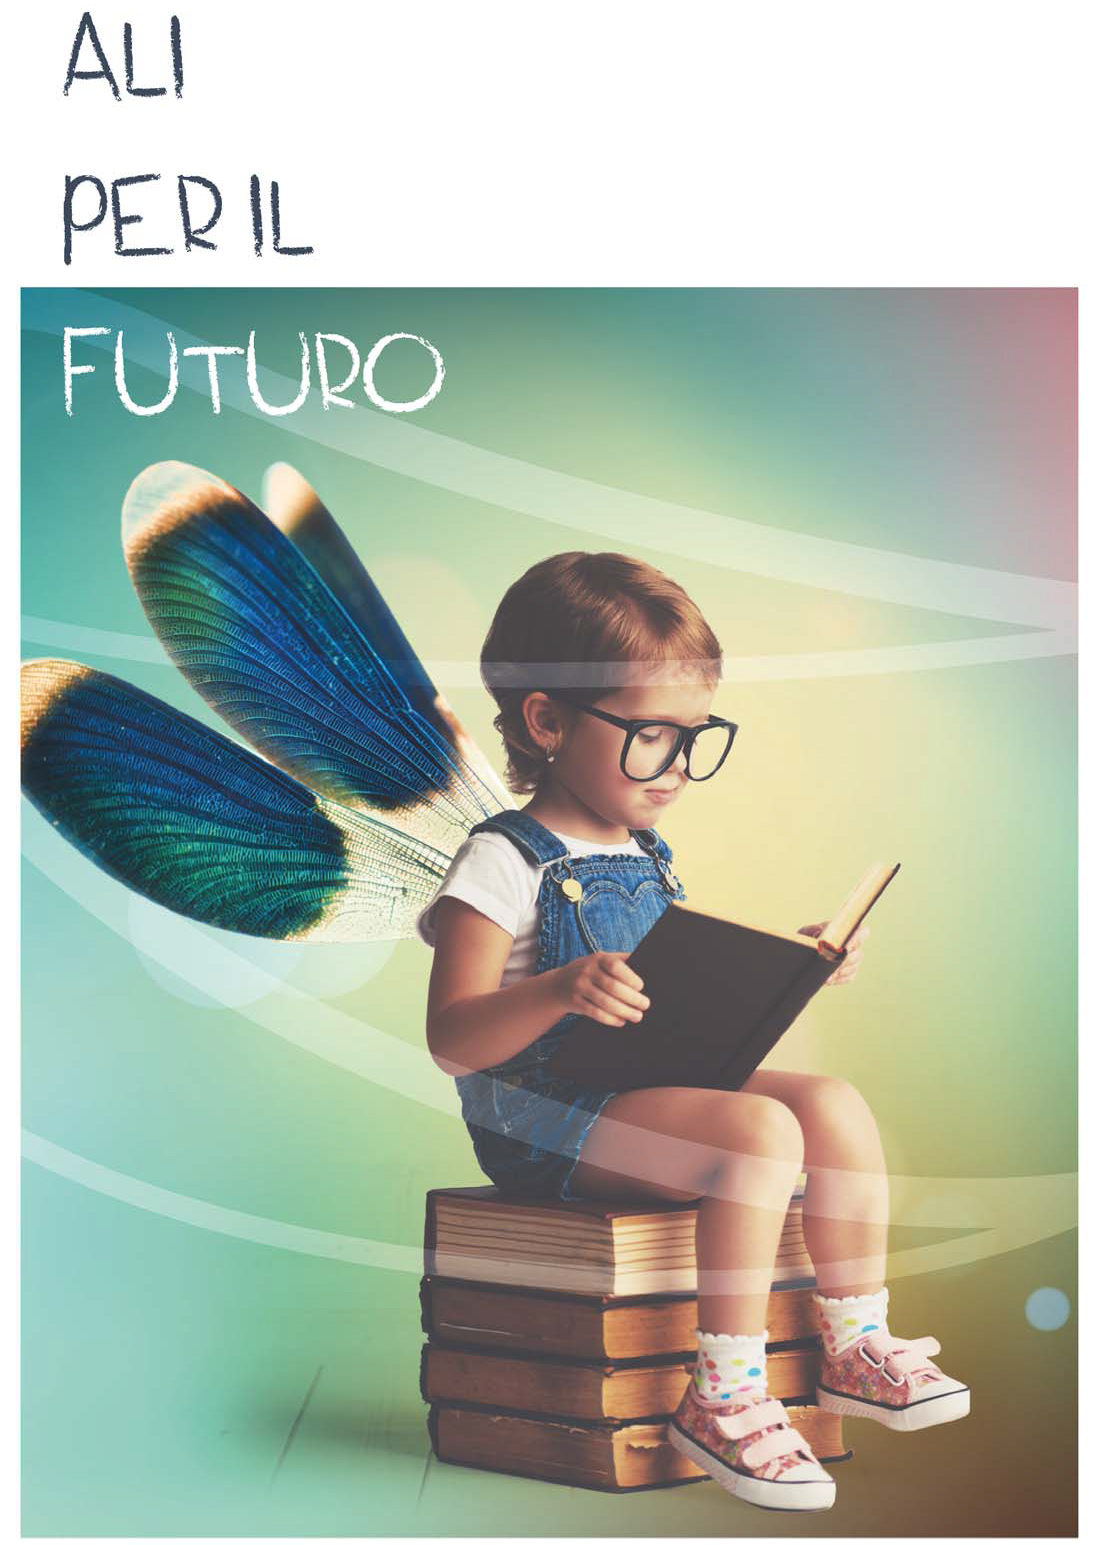 Presentazione ALI PER IL FUTURO per il contrasto alla povertà educativa